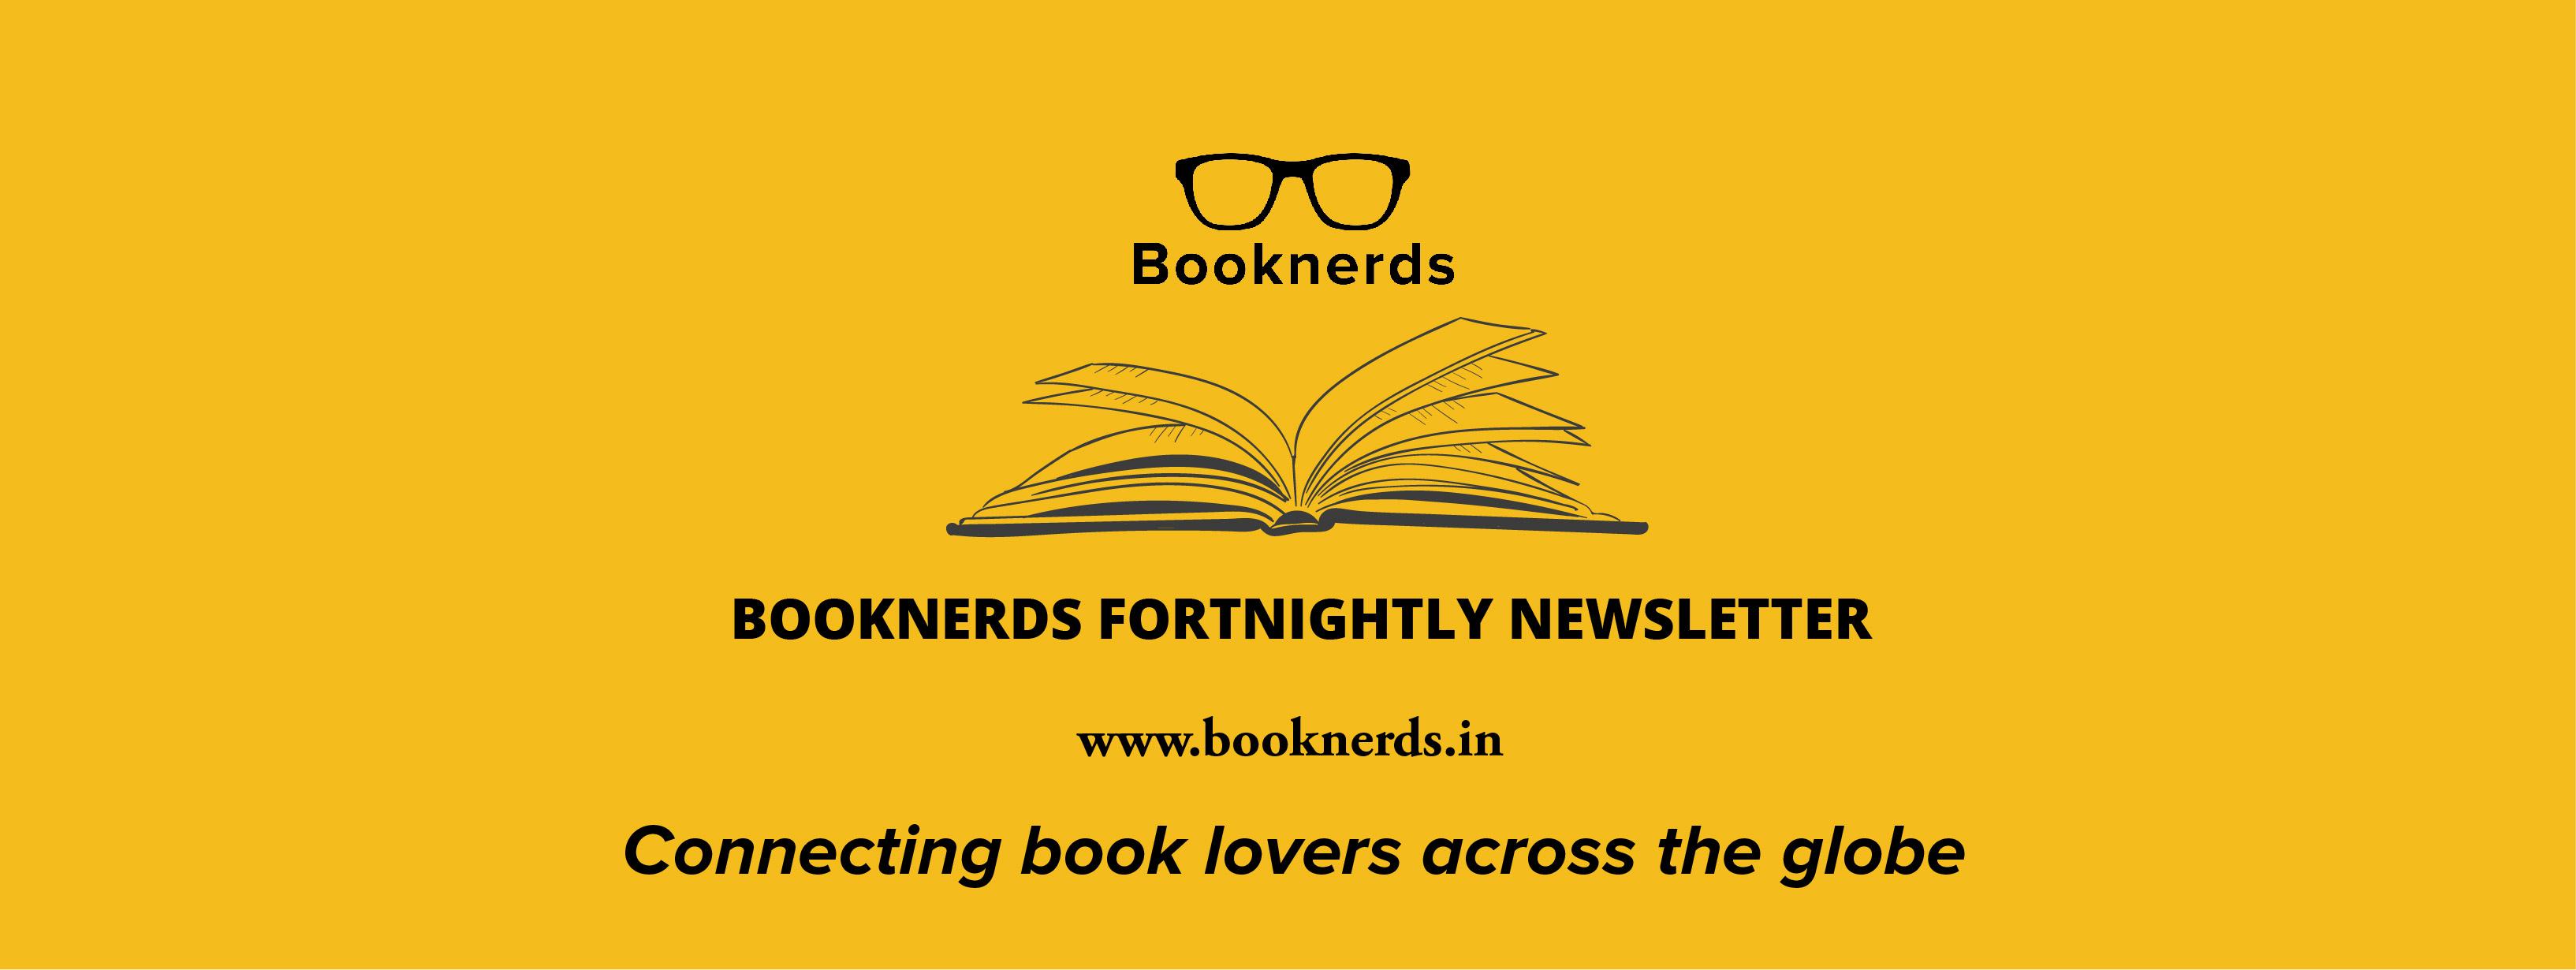 Booknerds Fortnightly Newsletter |June 1 | 2020